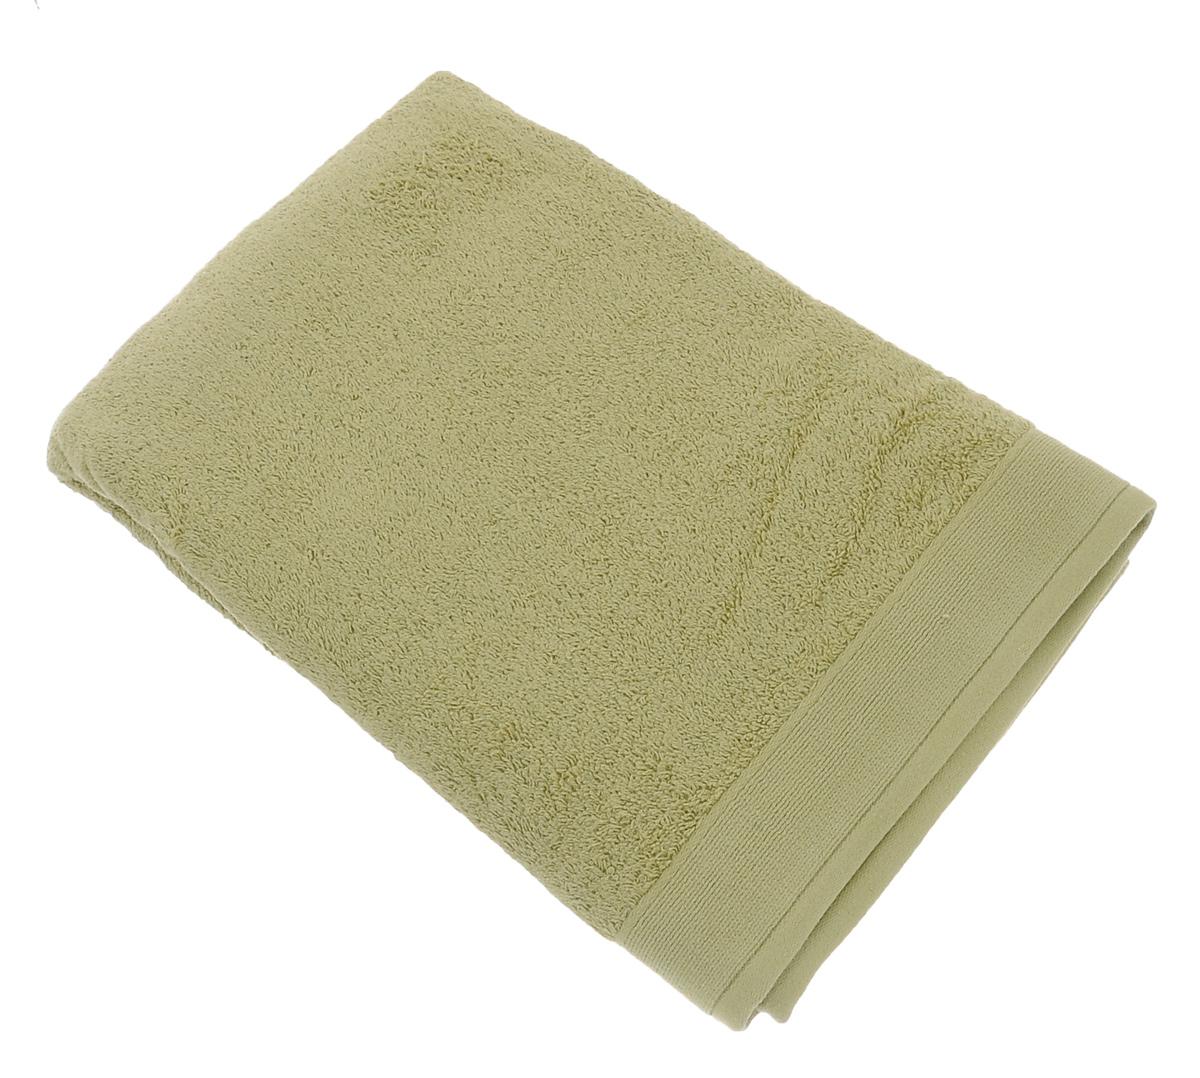 Полотенце махровое Guten Morgen, цвет: фисташковый, 100 см х 150 см68/5/4Махровое полотенце Guten Morgen, изготовленное из натурального хлопка, прекрасно впитывает влагу и быстро сохнет. Высокая плотность ткани делает полотенце мягкими, прочными и пушистыми. При соблюдении рекомендаций по уходу изделие сохраняет яркость цвета и не теряет форму даже после многократных стирок. Махровое полотенце Guten Morgen станет достойным выбором для вас и приятным подарком для ваших близких. Мягкость и высокое качество материала, из которого изготовлено полотенце, не оставит вас равнодушными.